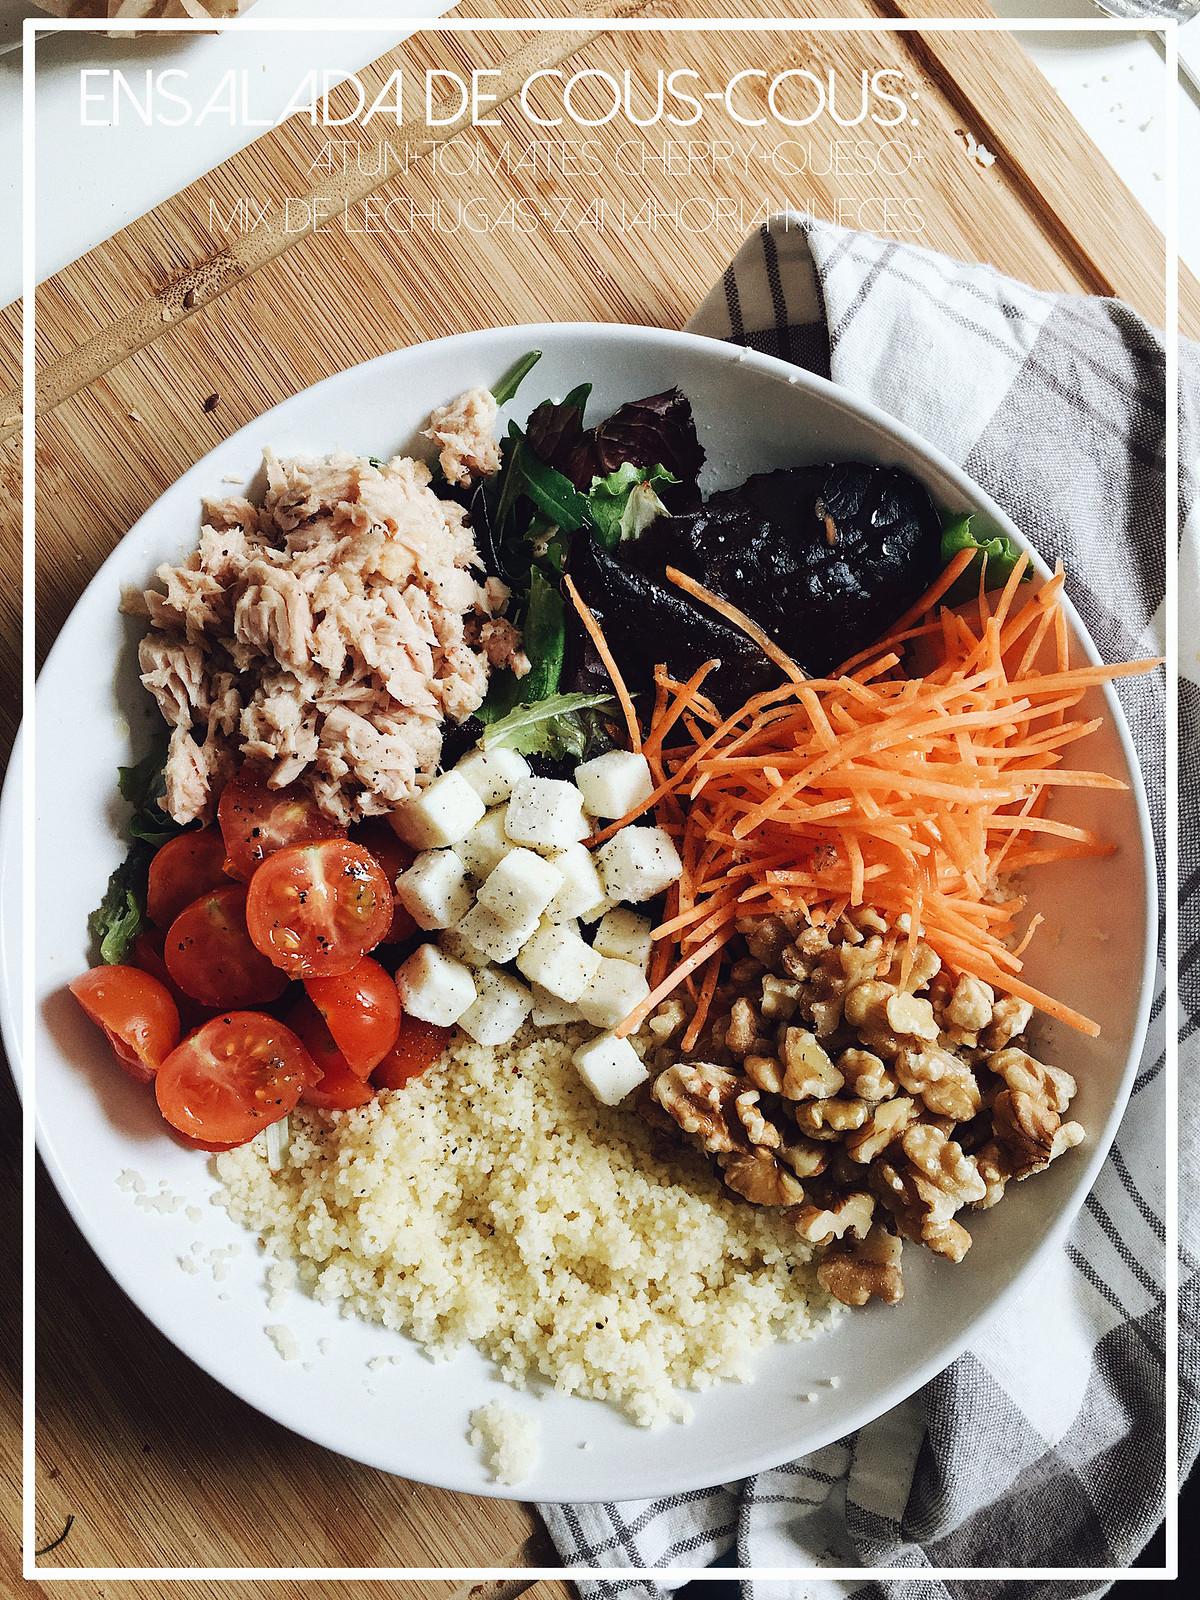 ensalada couscous con lechuga - seams for a desire - jessie chanes - recetas faciles -1